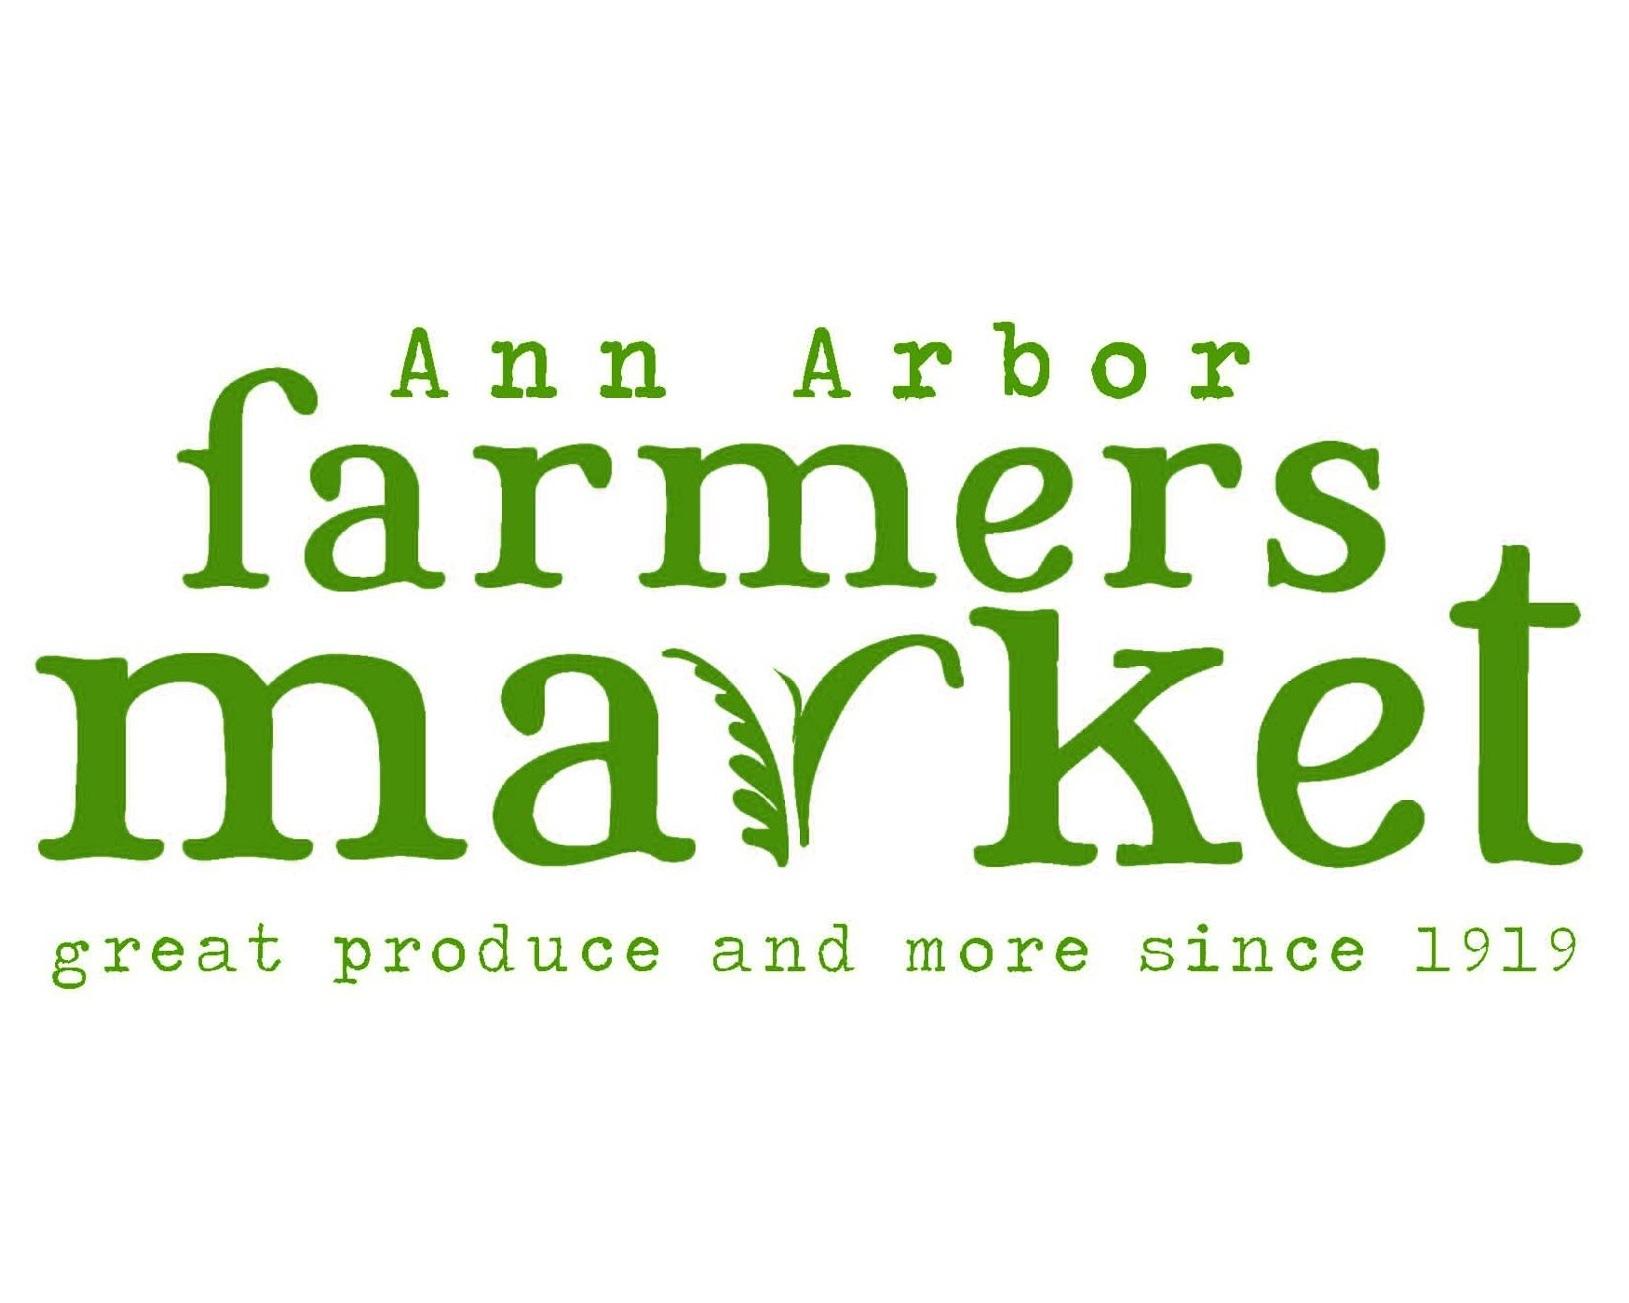 Ann Arbor Logo.jpg